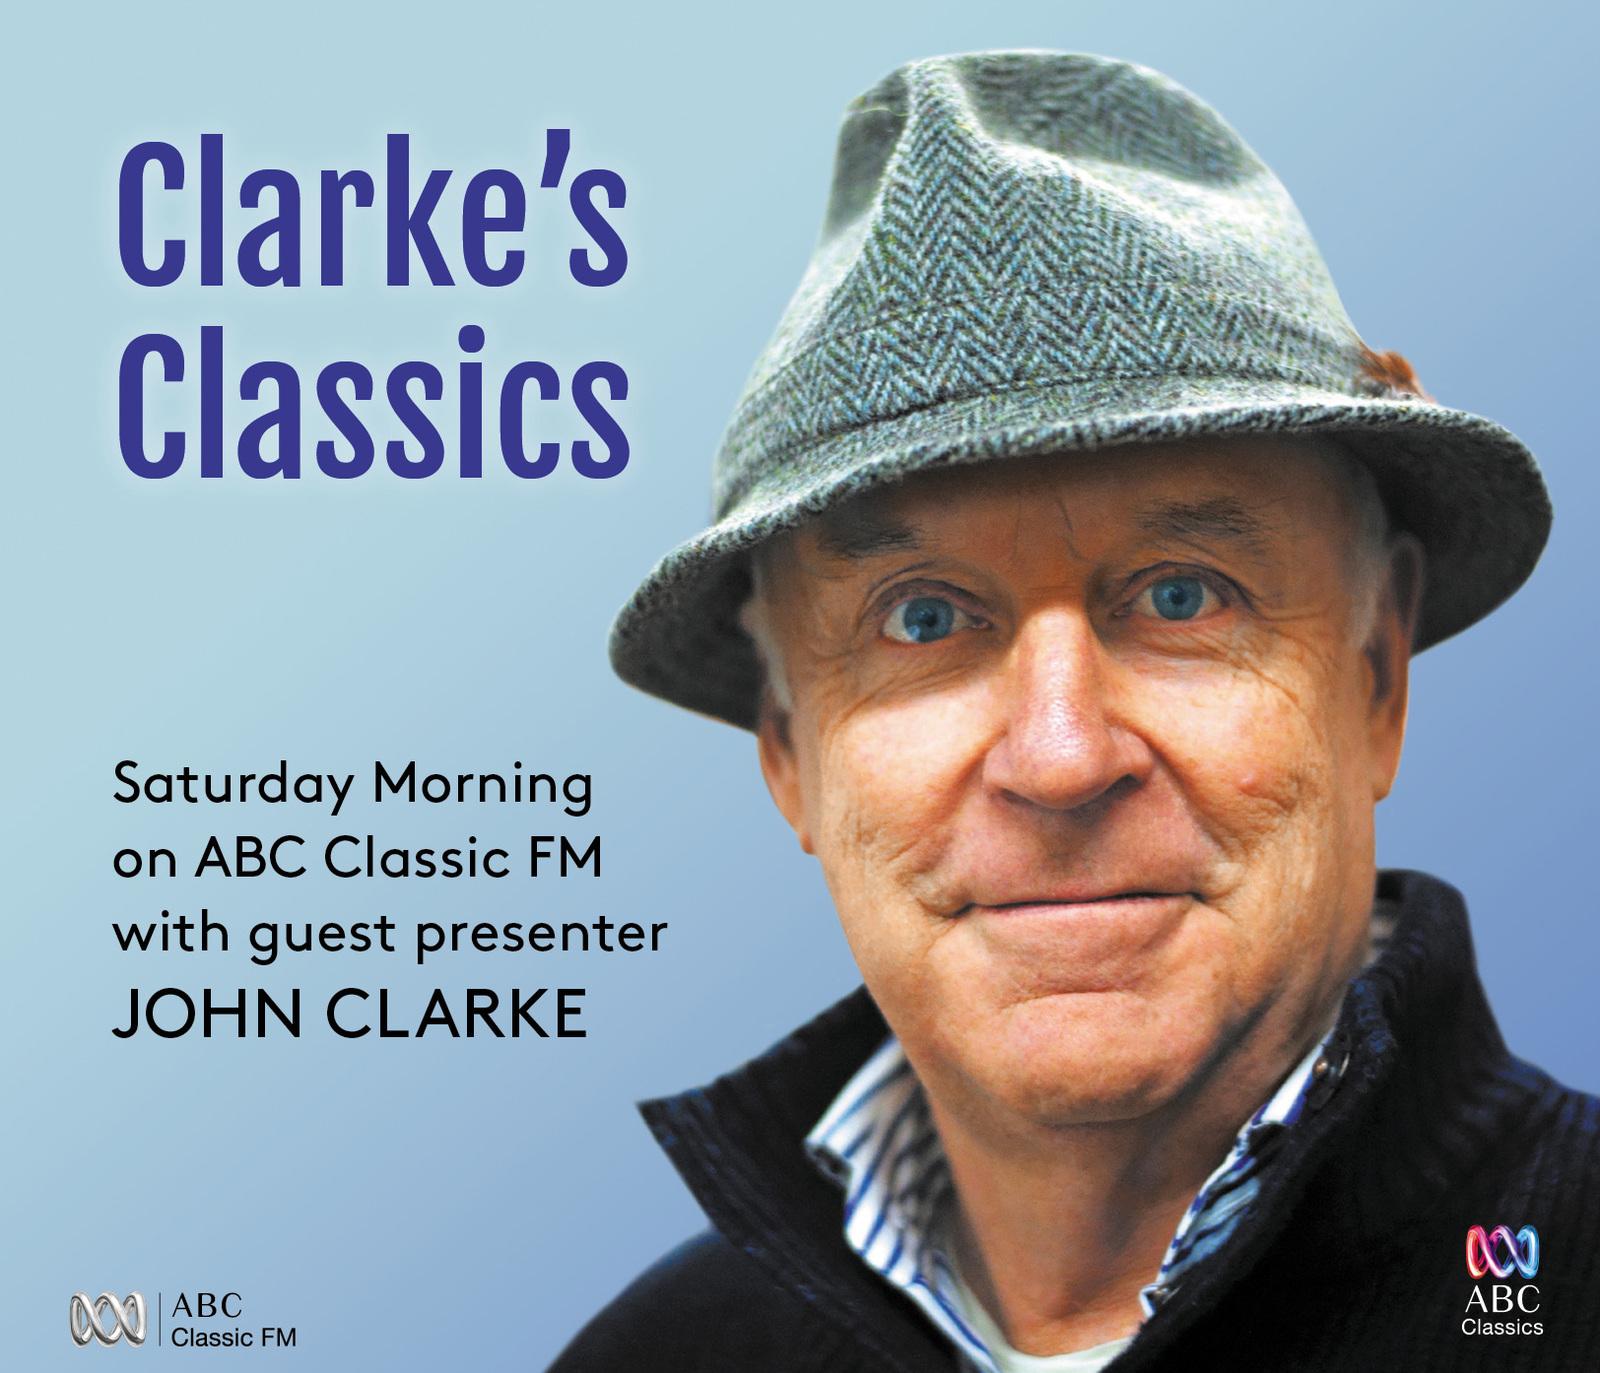 Clarke's Classic by John Clarke image